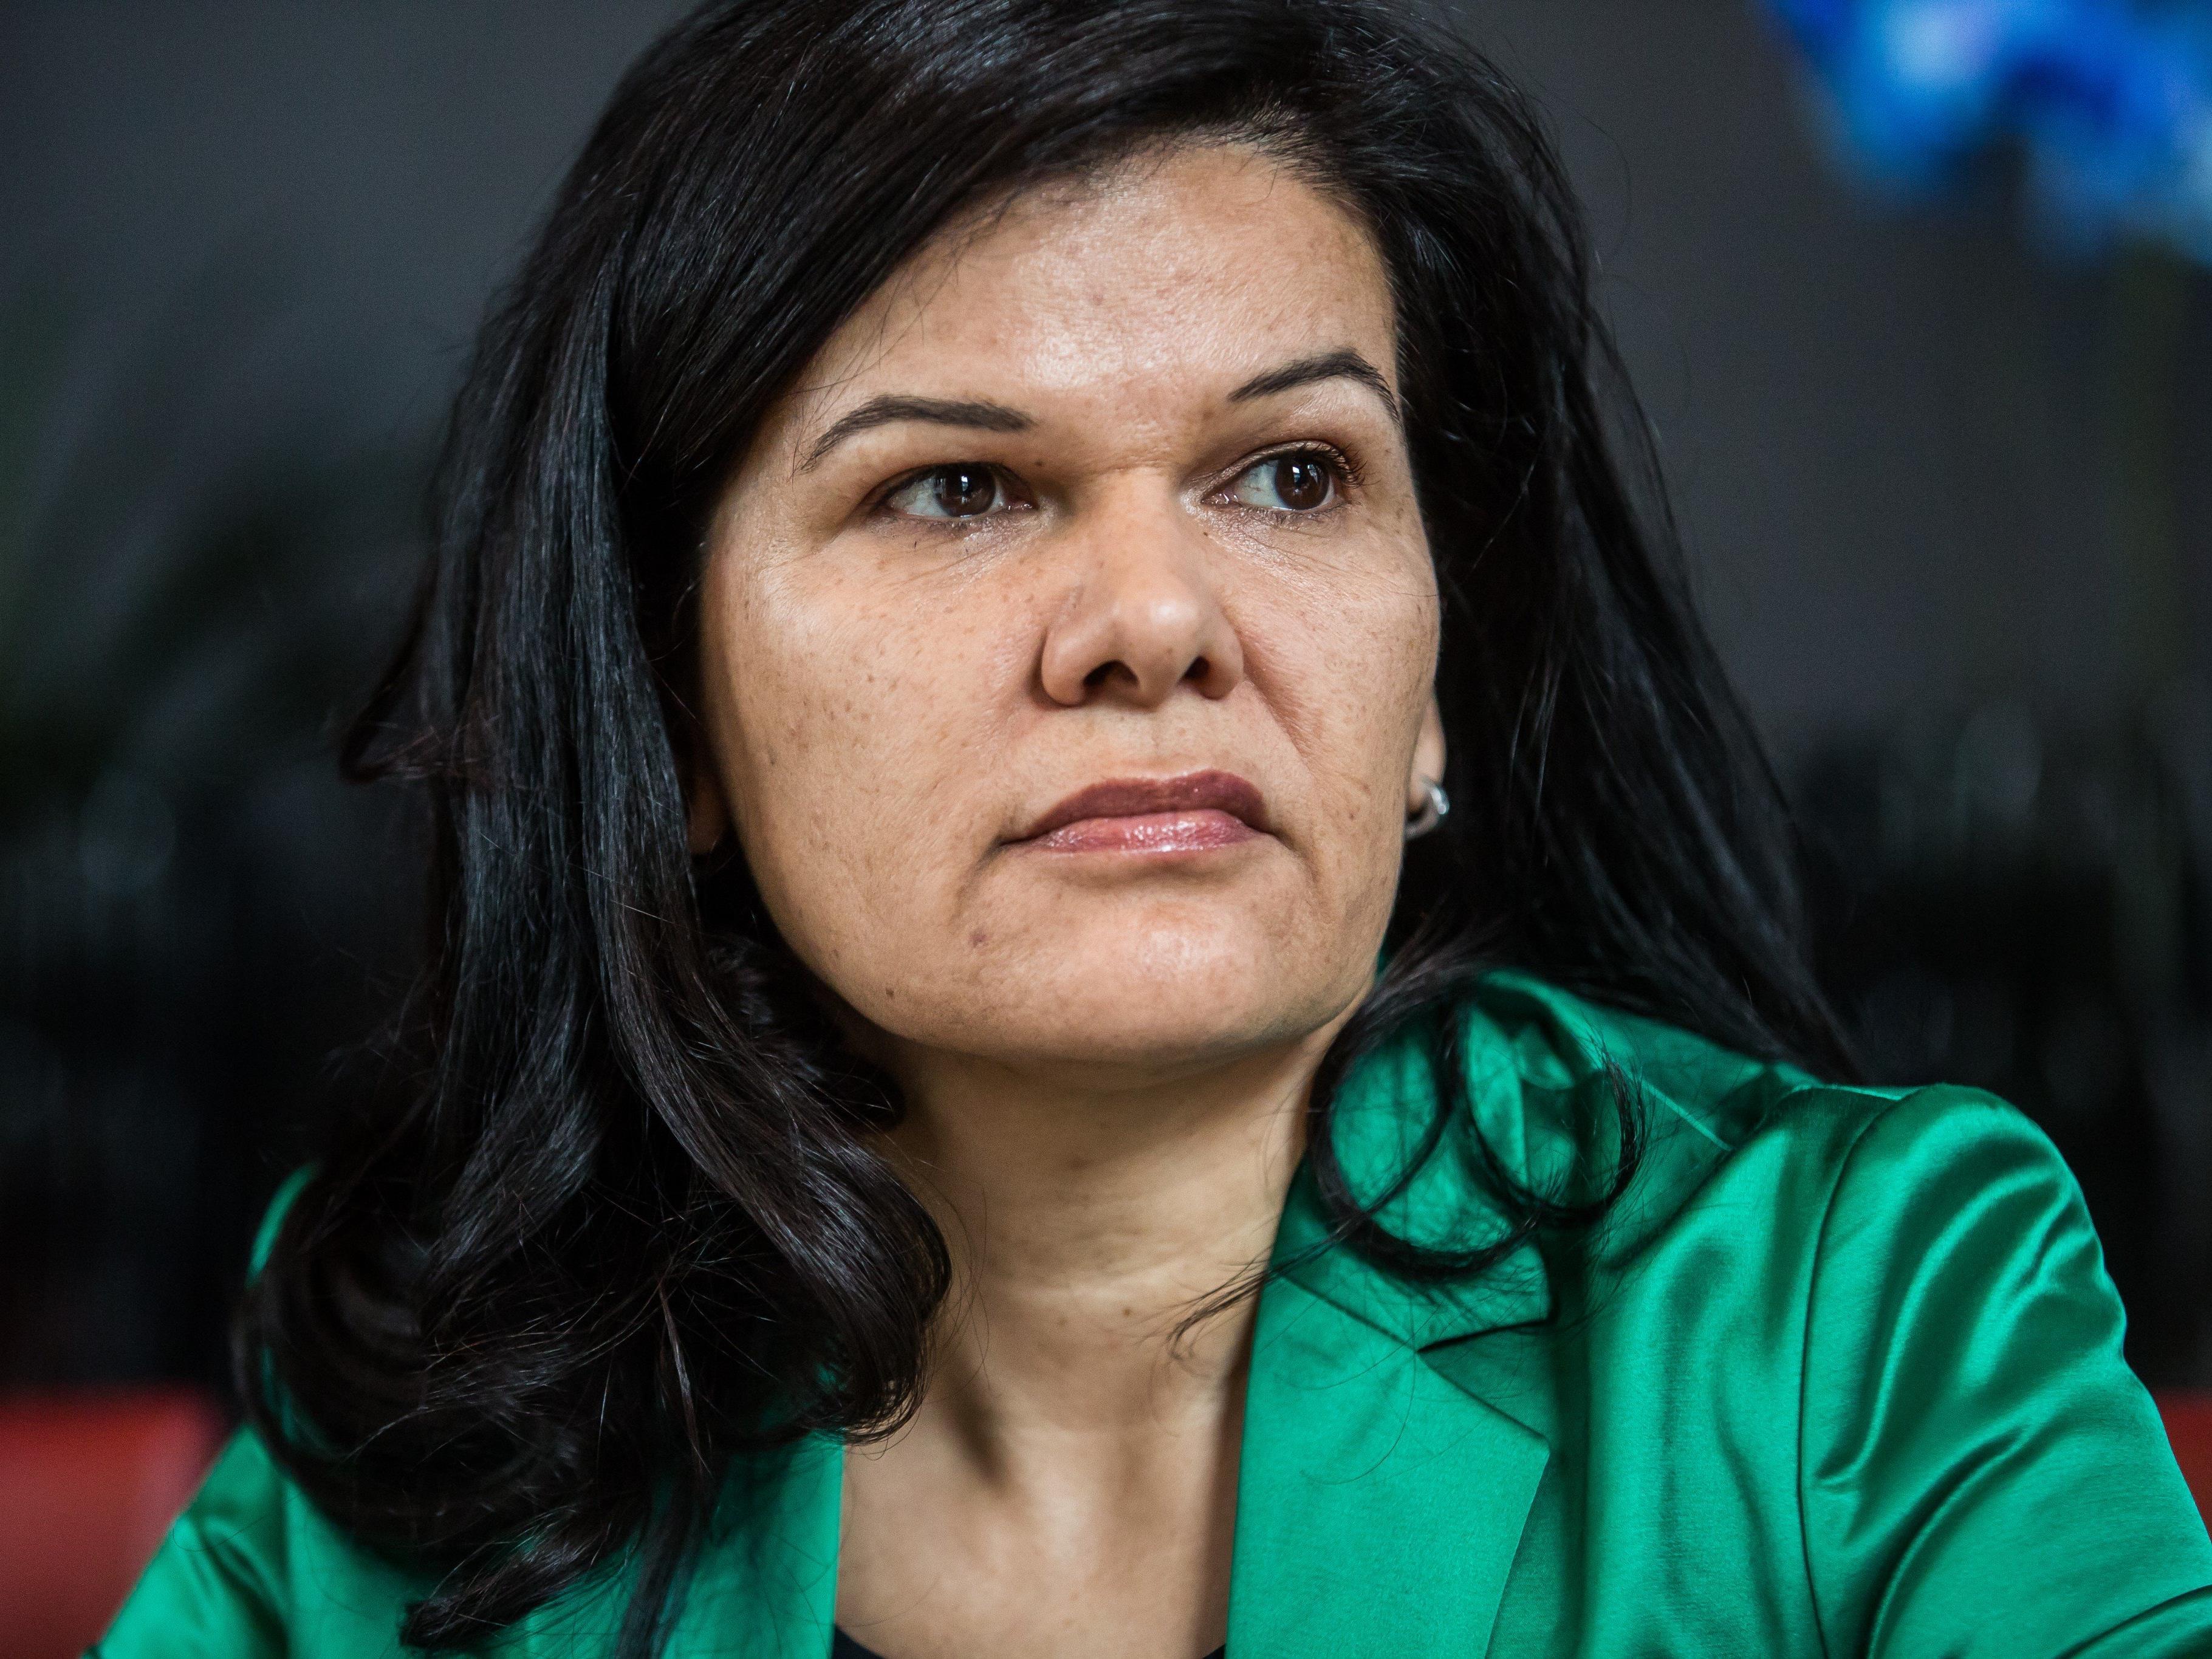 Sandra Schoch begrüßt den Vorschlag der VGKK.